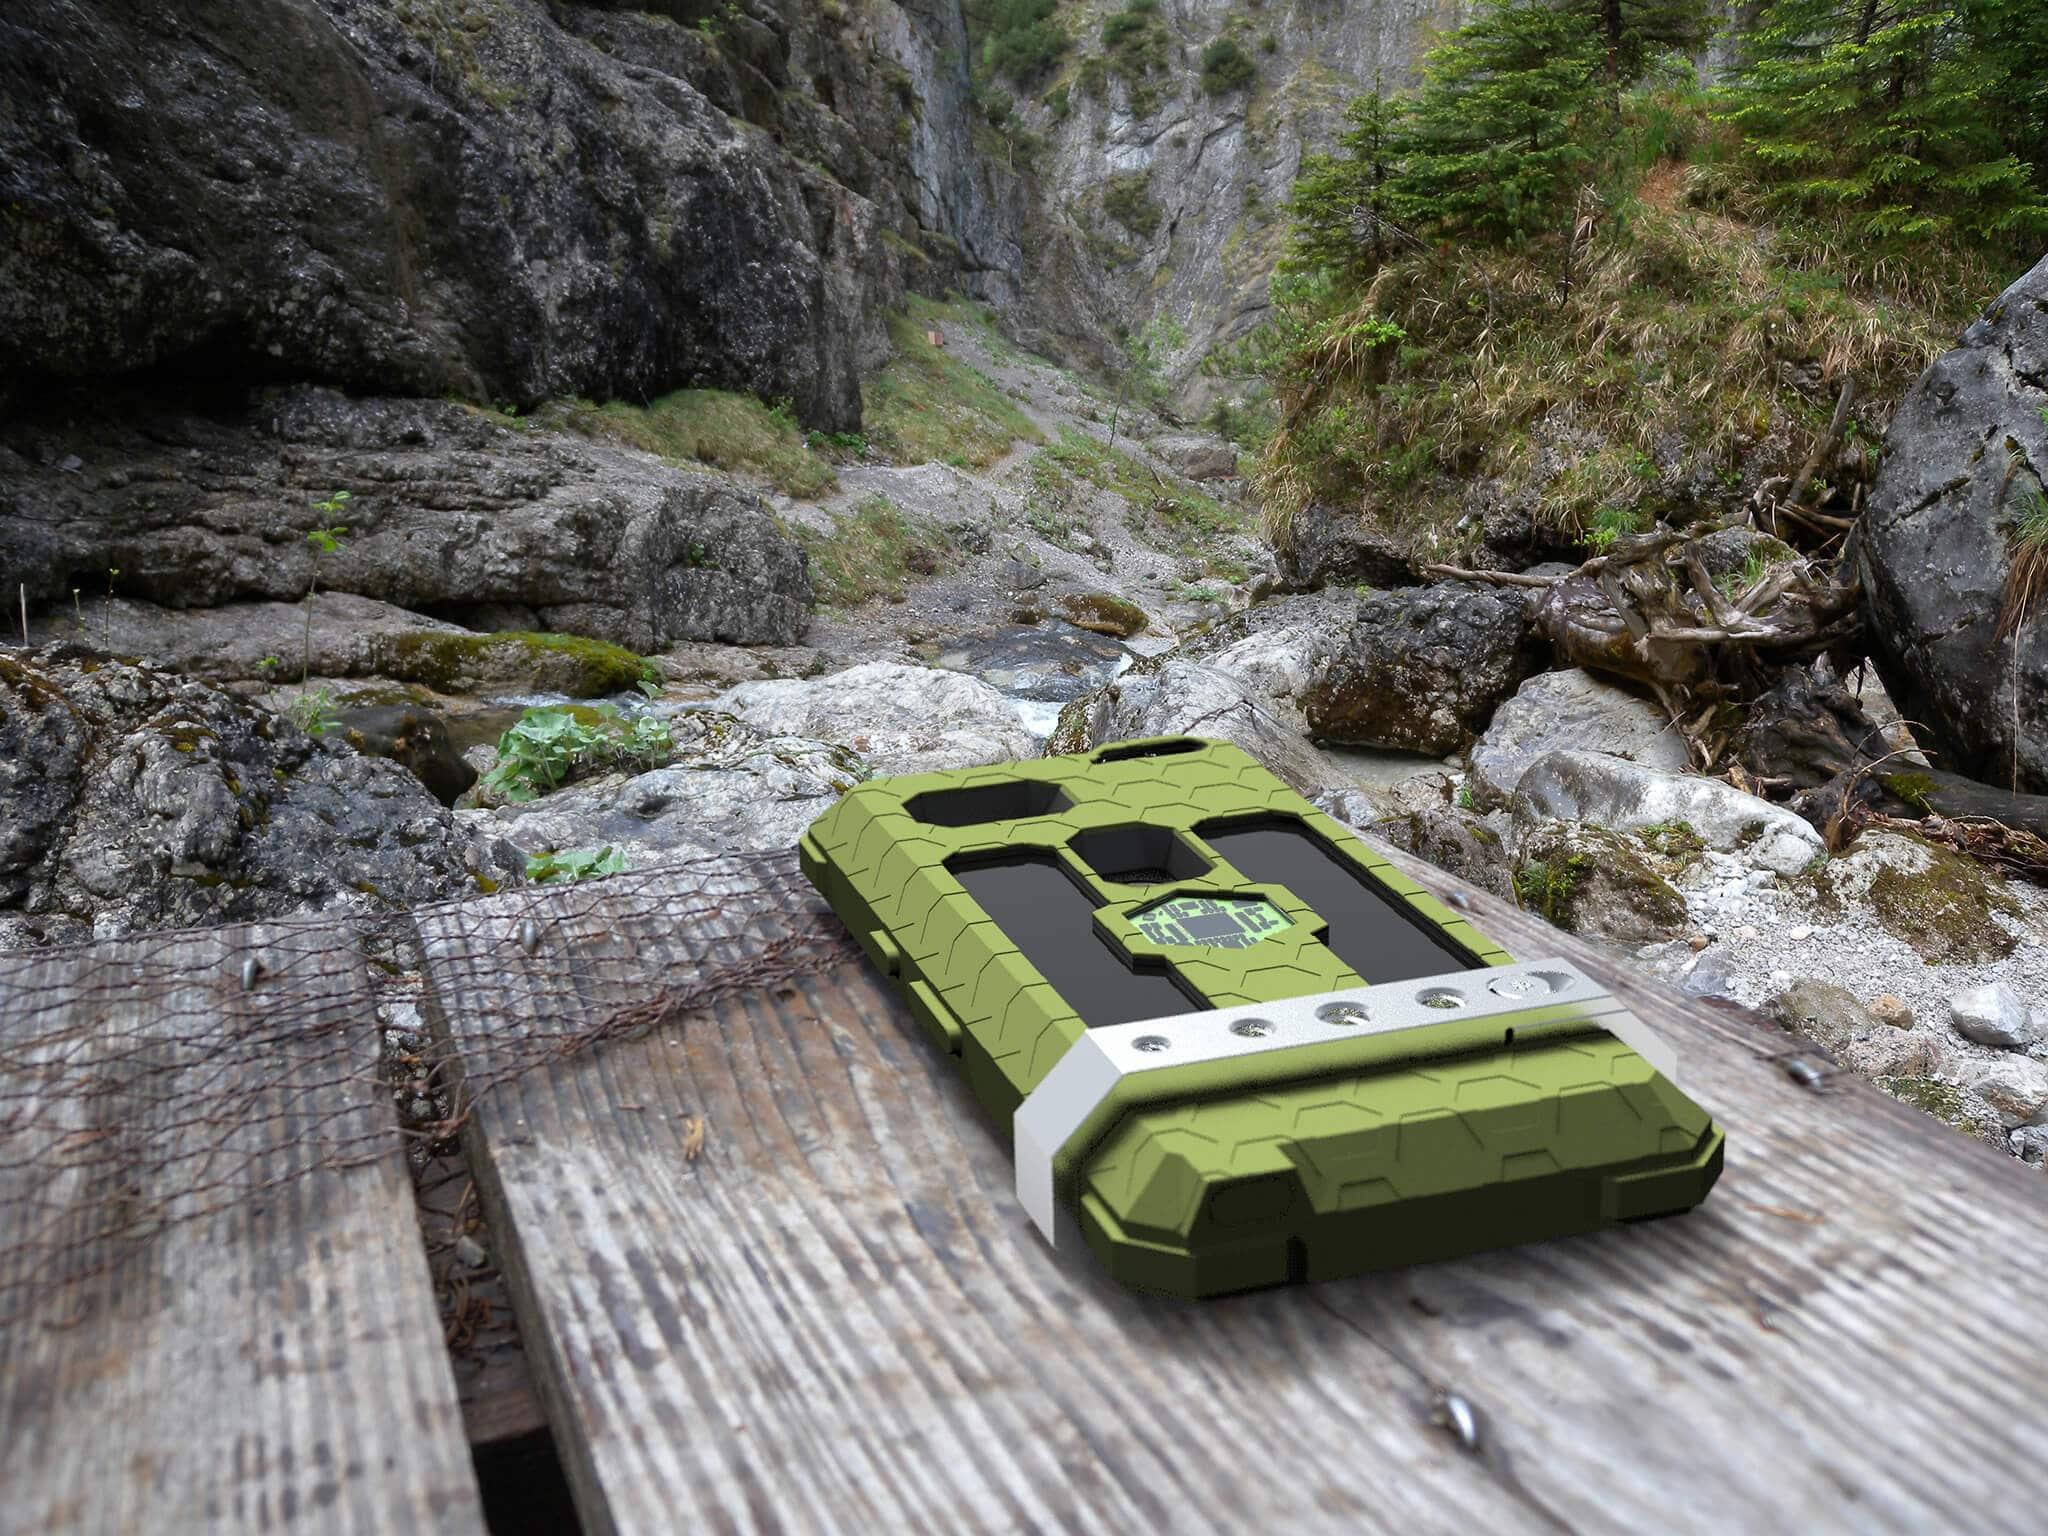 """ExoShield """"THE EDC"""" - Outdoor Hülle in Olive - Inlets Schwarz - Universal Mount aus Metall auf einem Holztisch vor einer Schlucht liegend"""